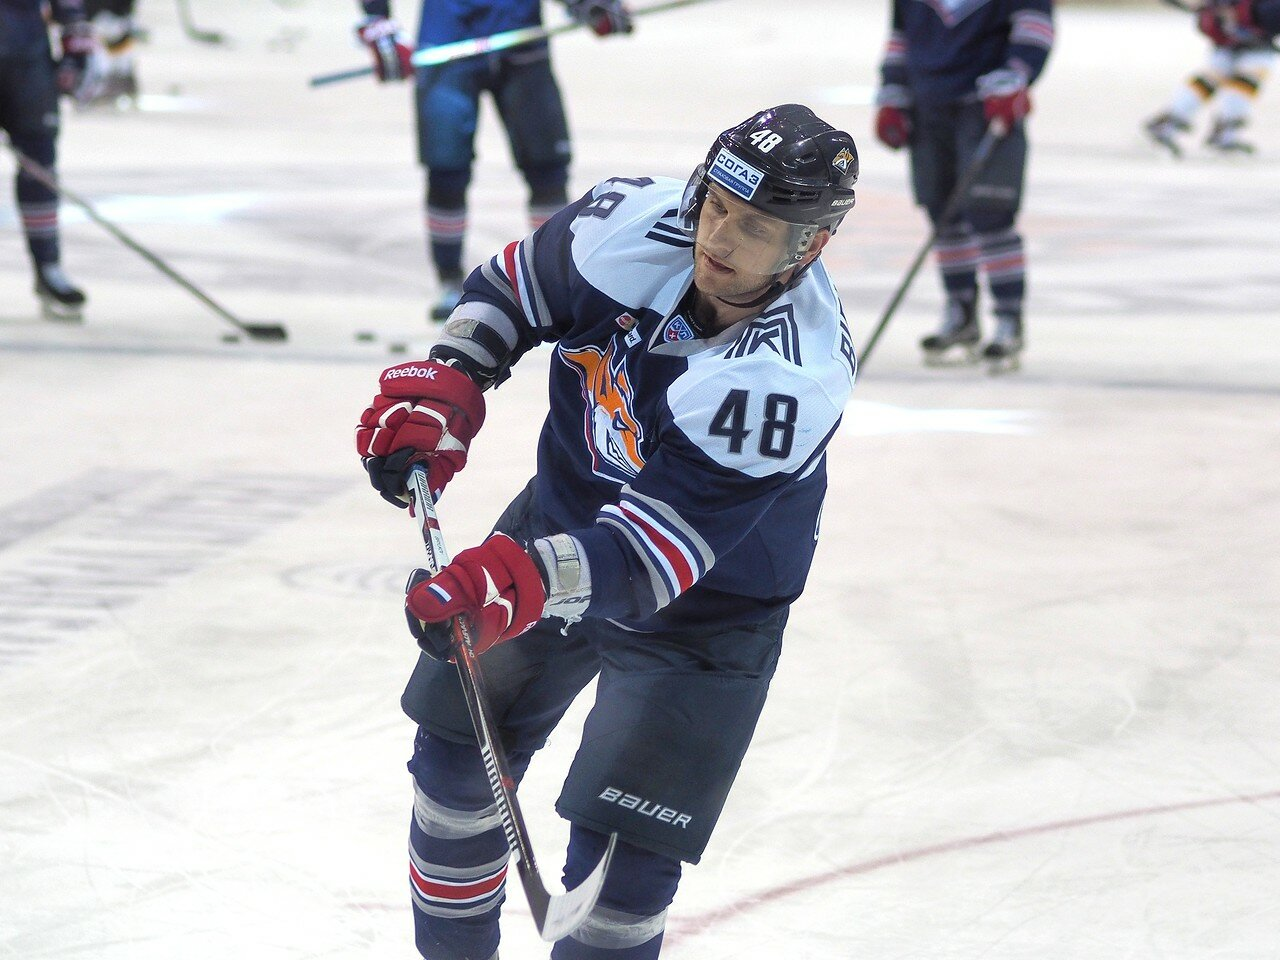 Евгений Бирюков 2